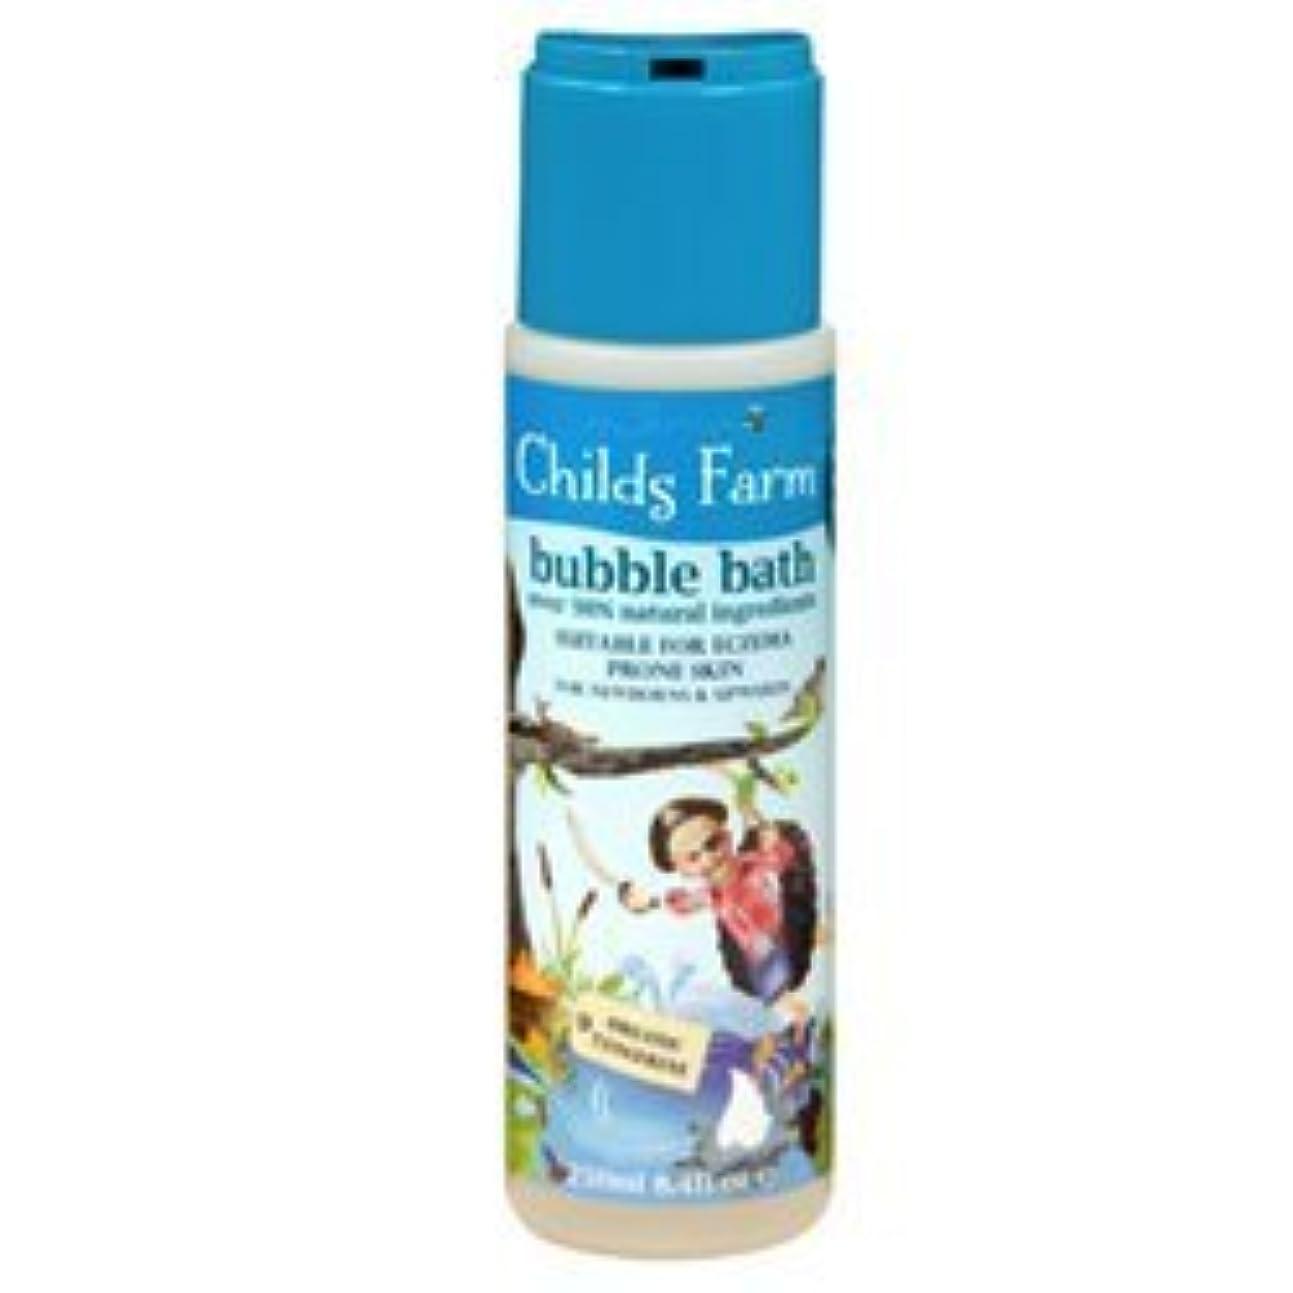 委員会既婚レインコートChilds Farm Bubble bath for Buccaneers 250ml x 1 by Childs Farm [並行輸入品]